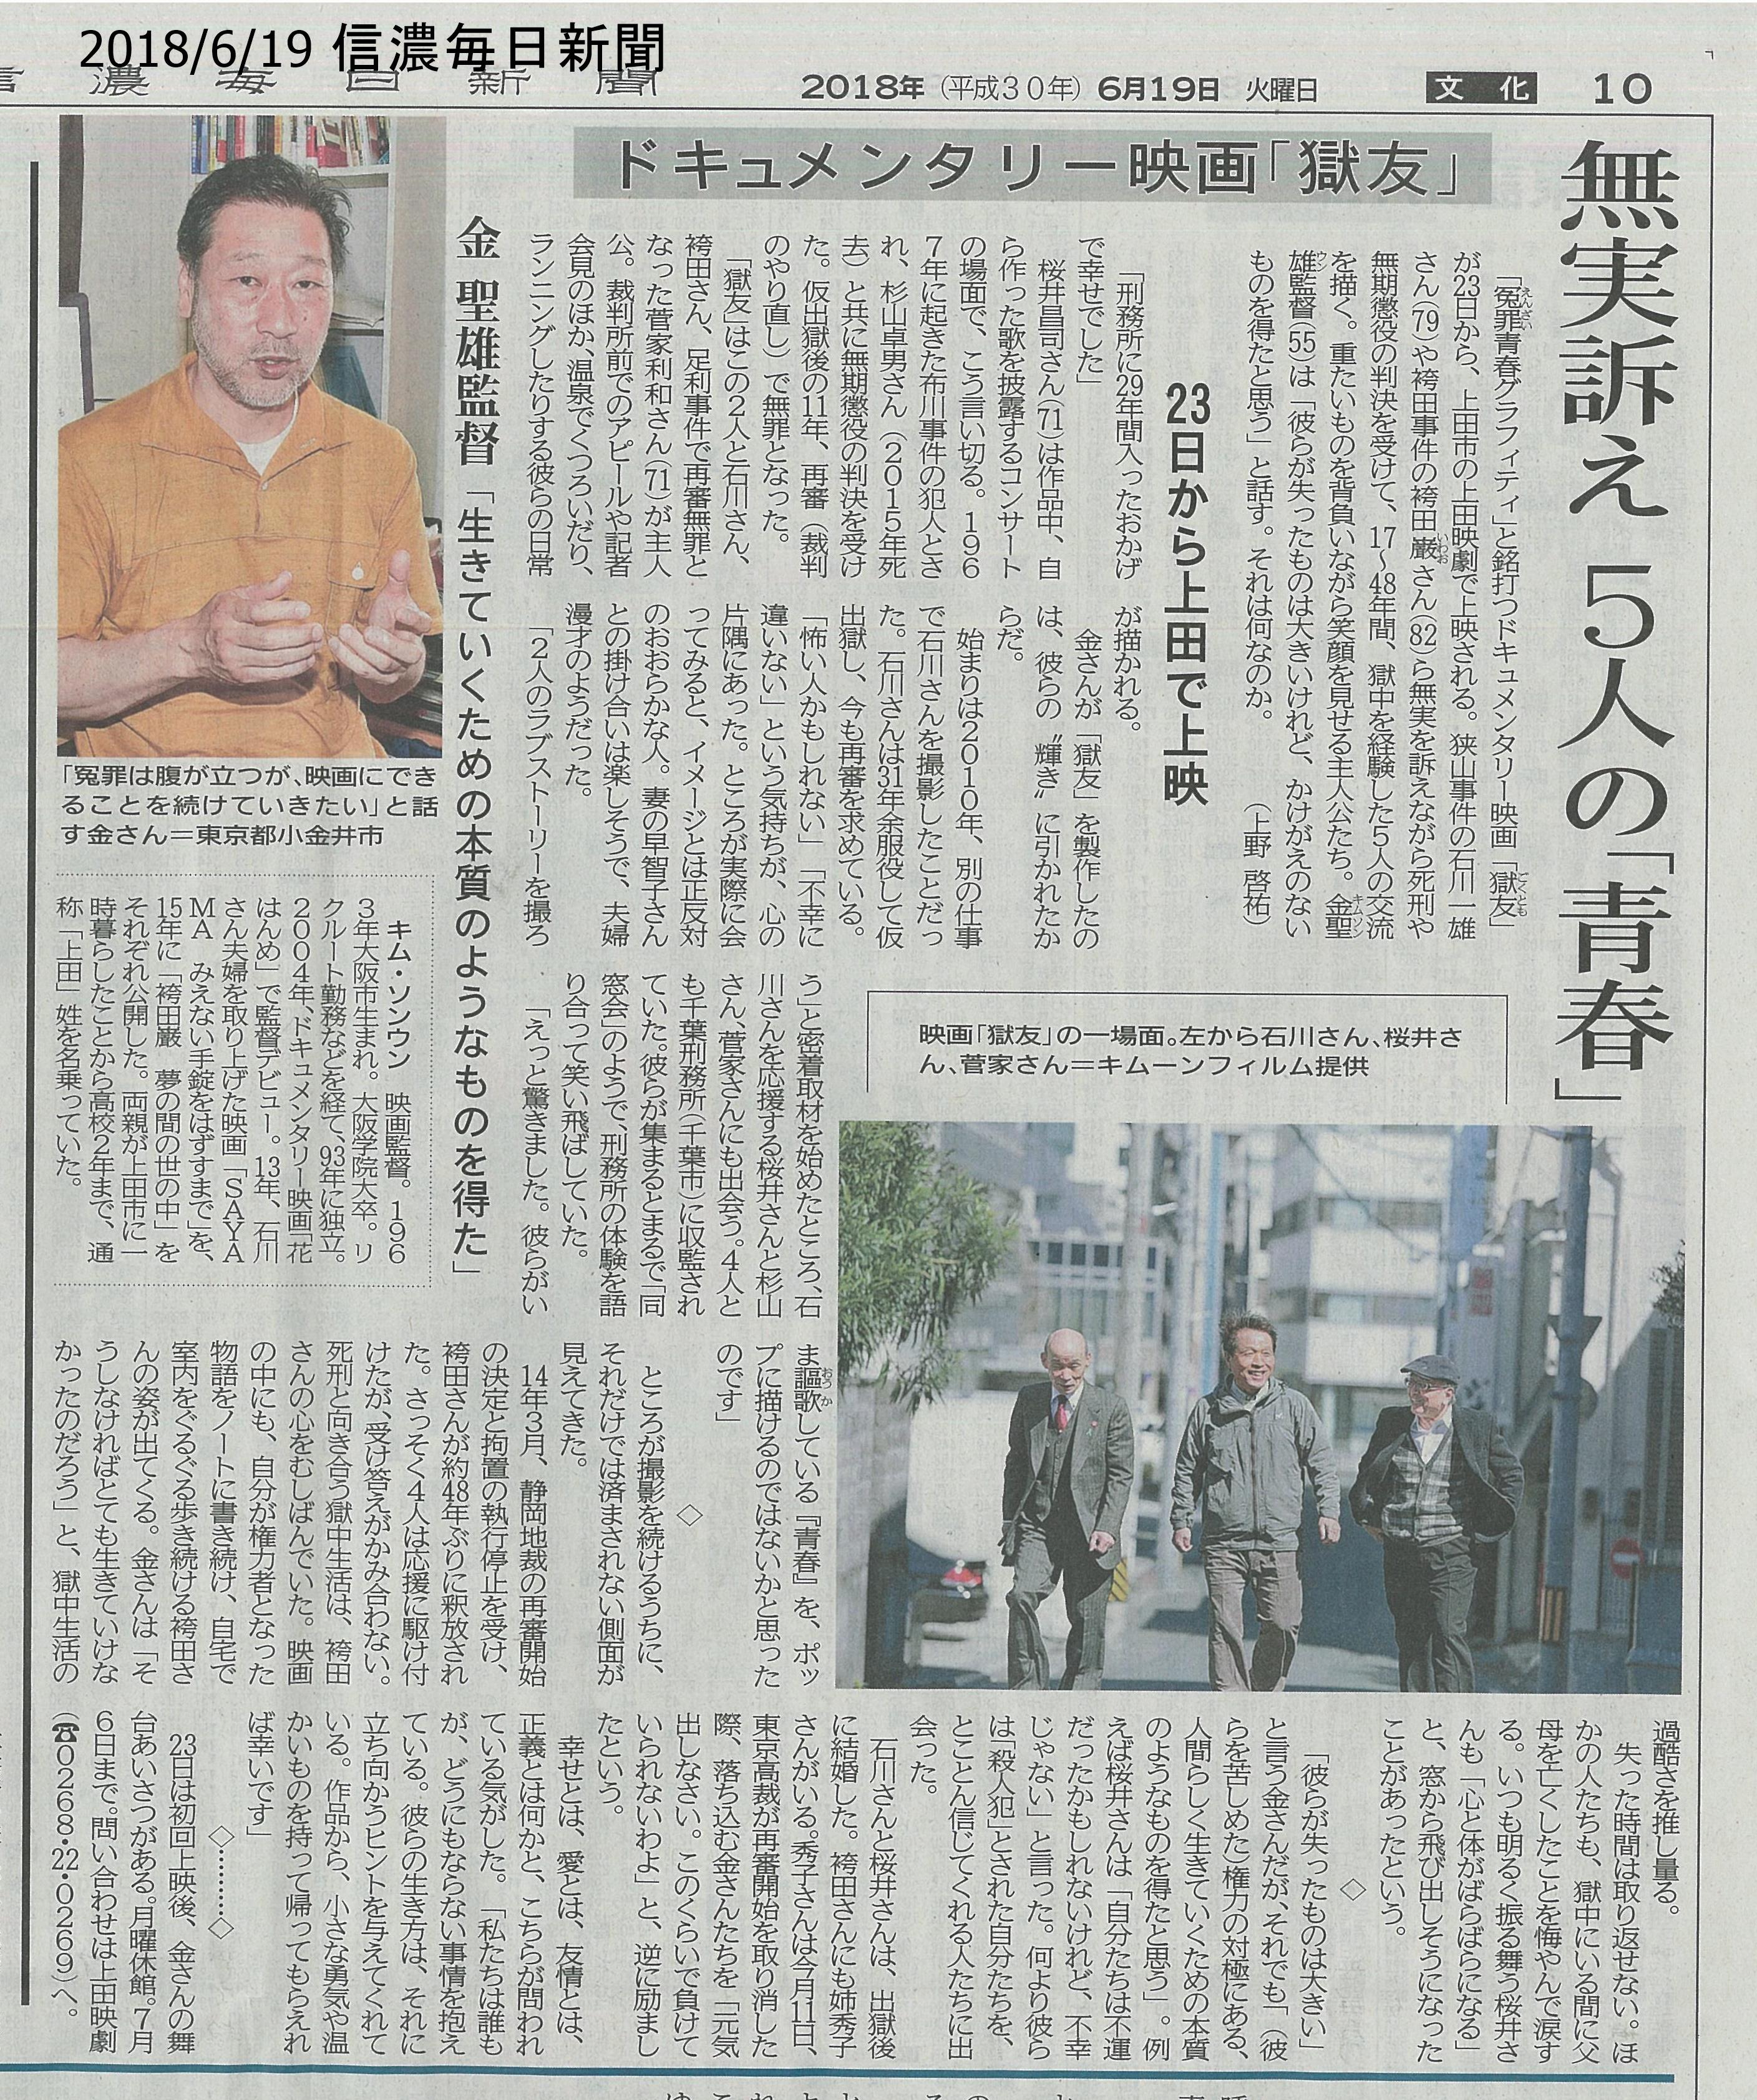 2018.6.19 信濃毎日新聞